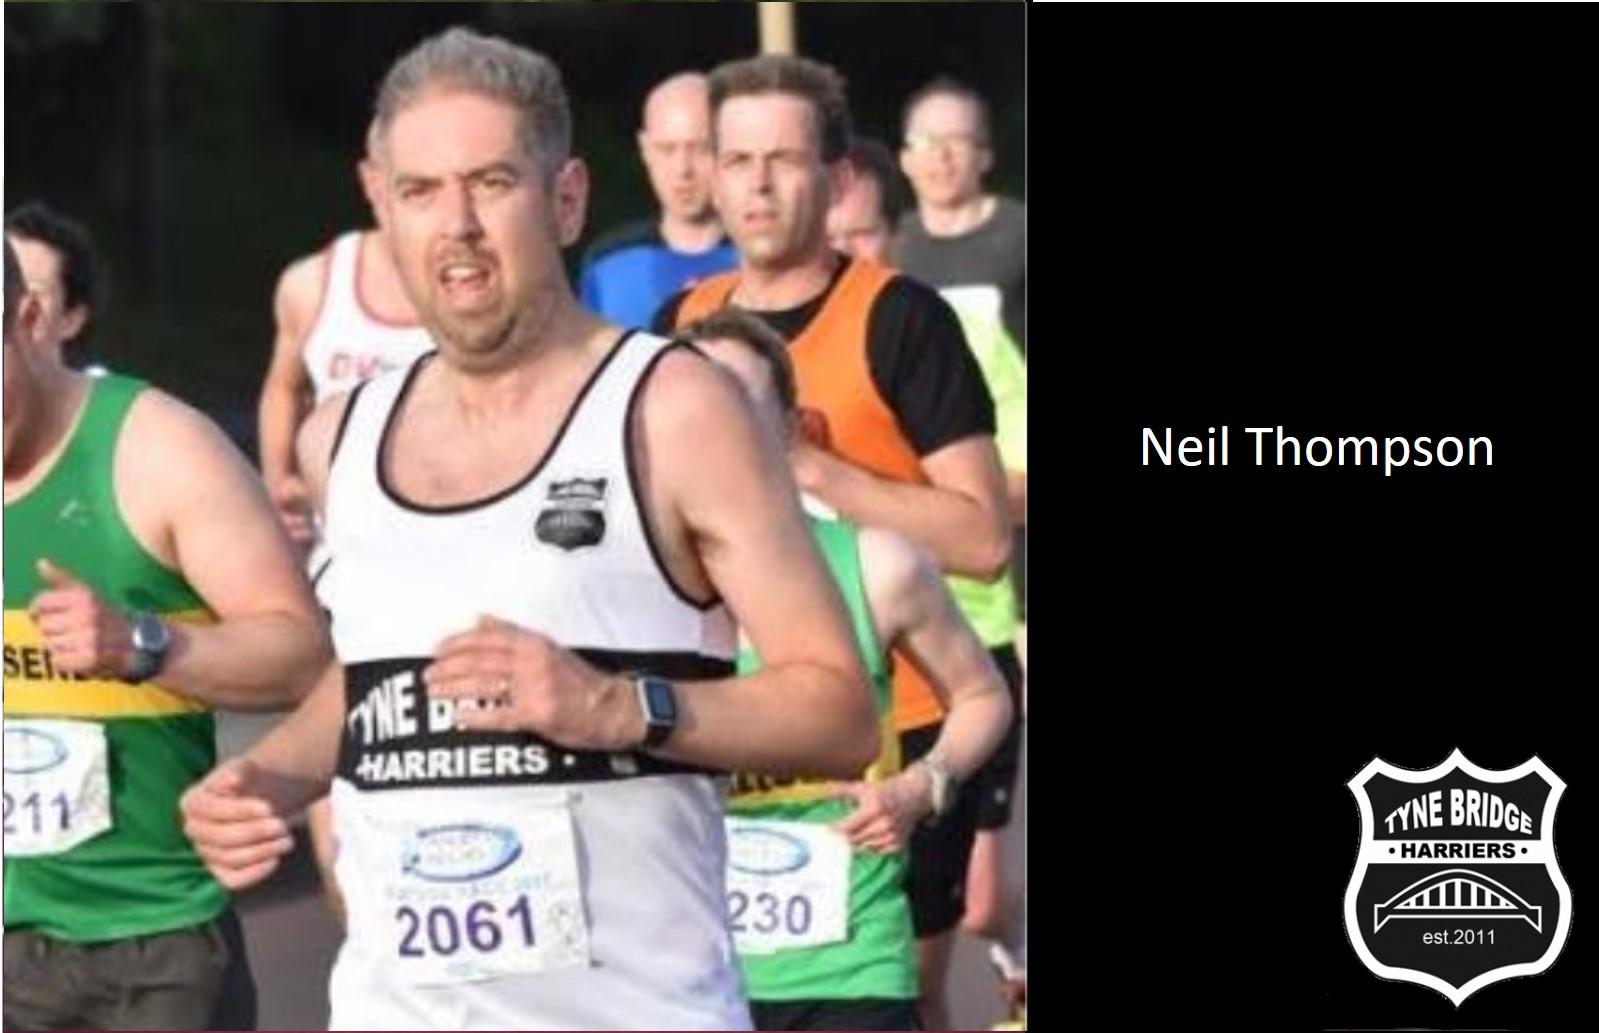 Neil Thompson